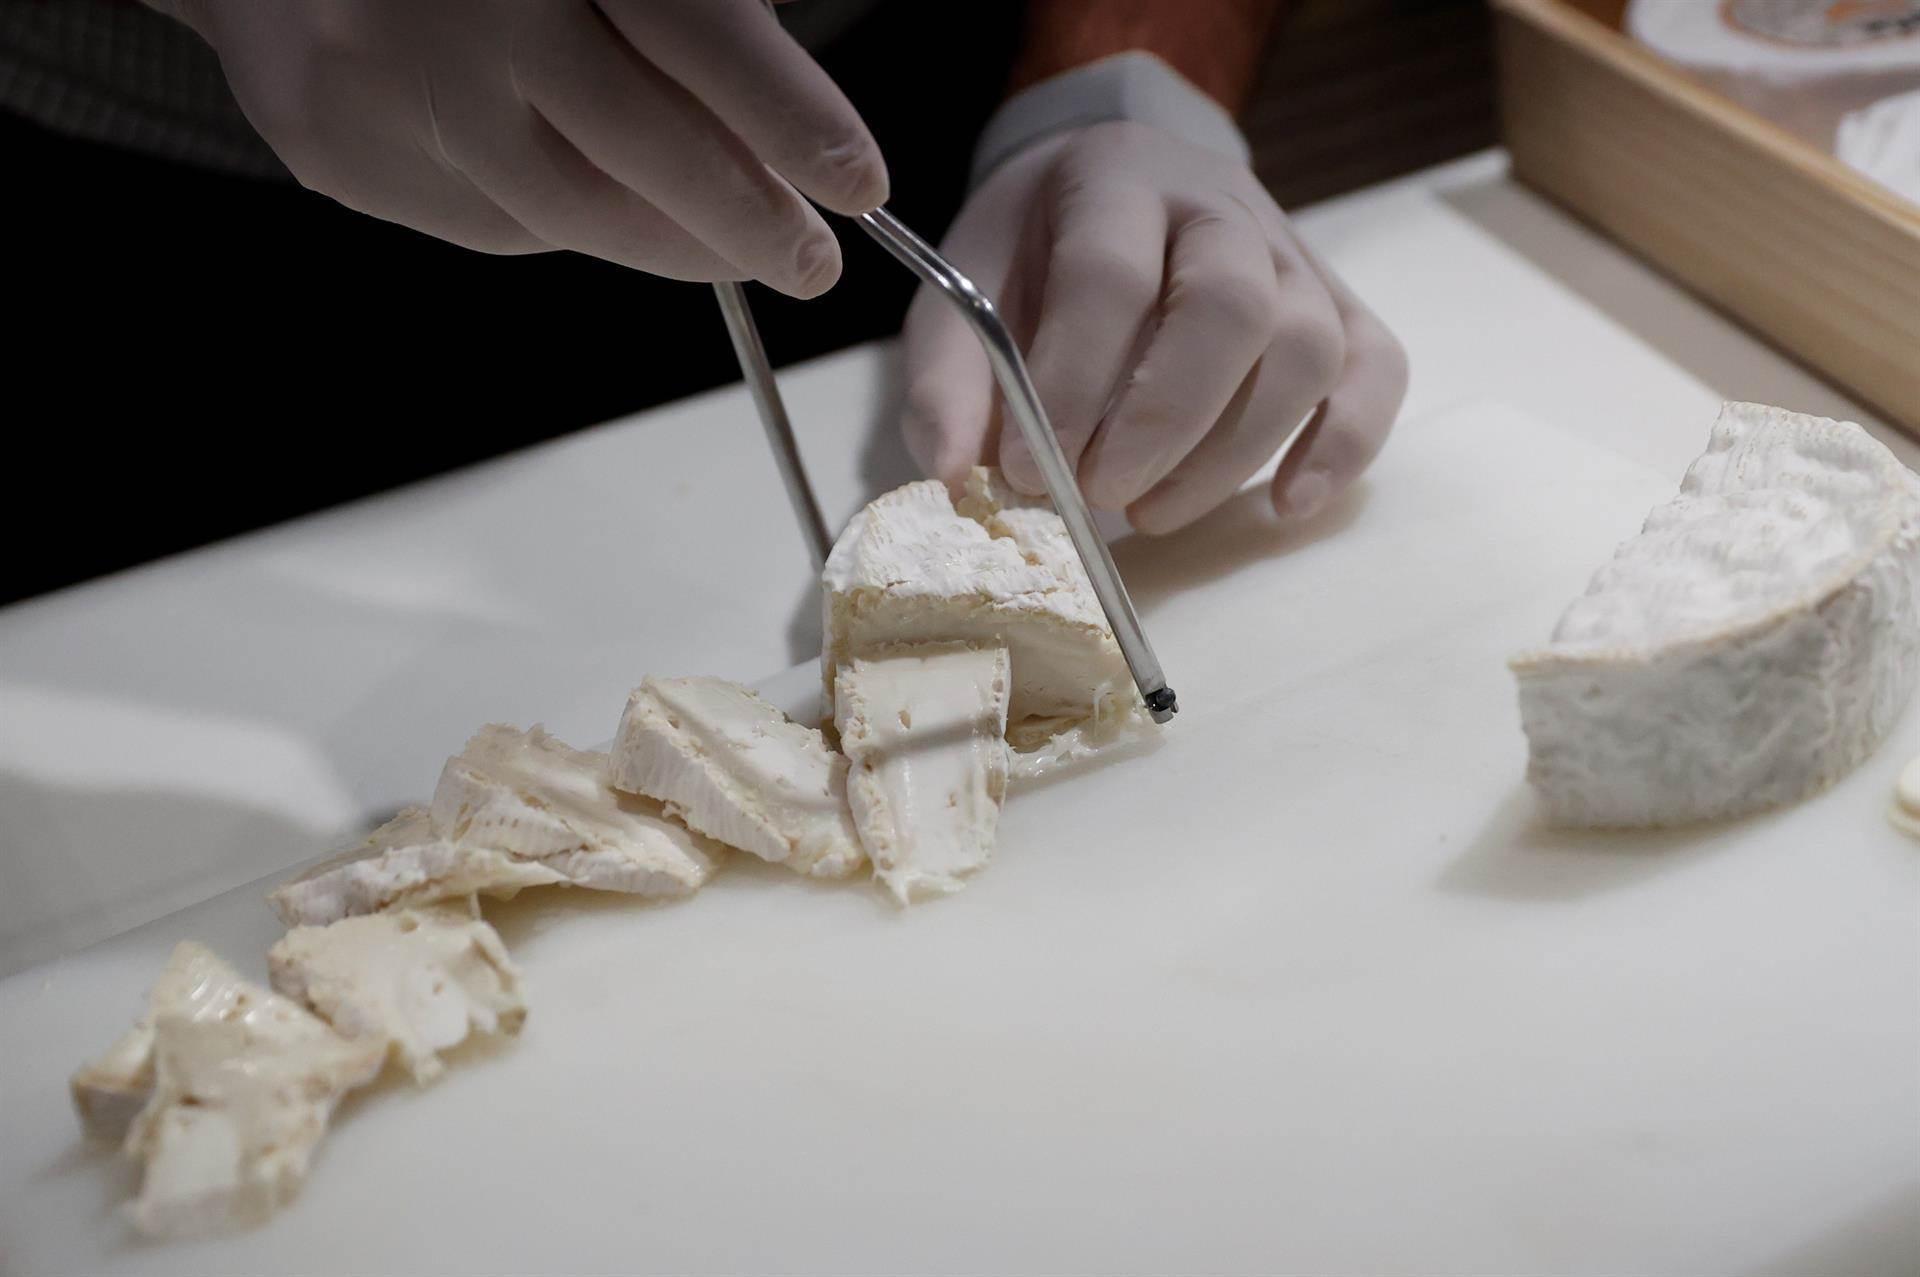 Un expositor corta queso.